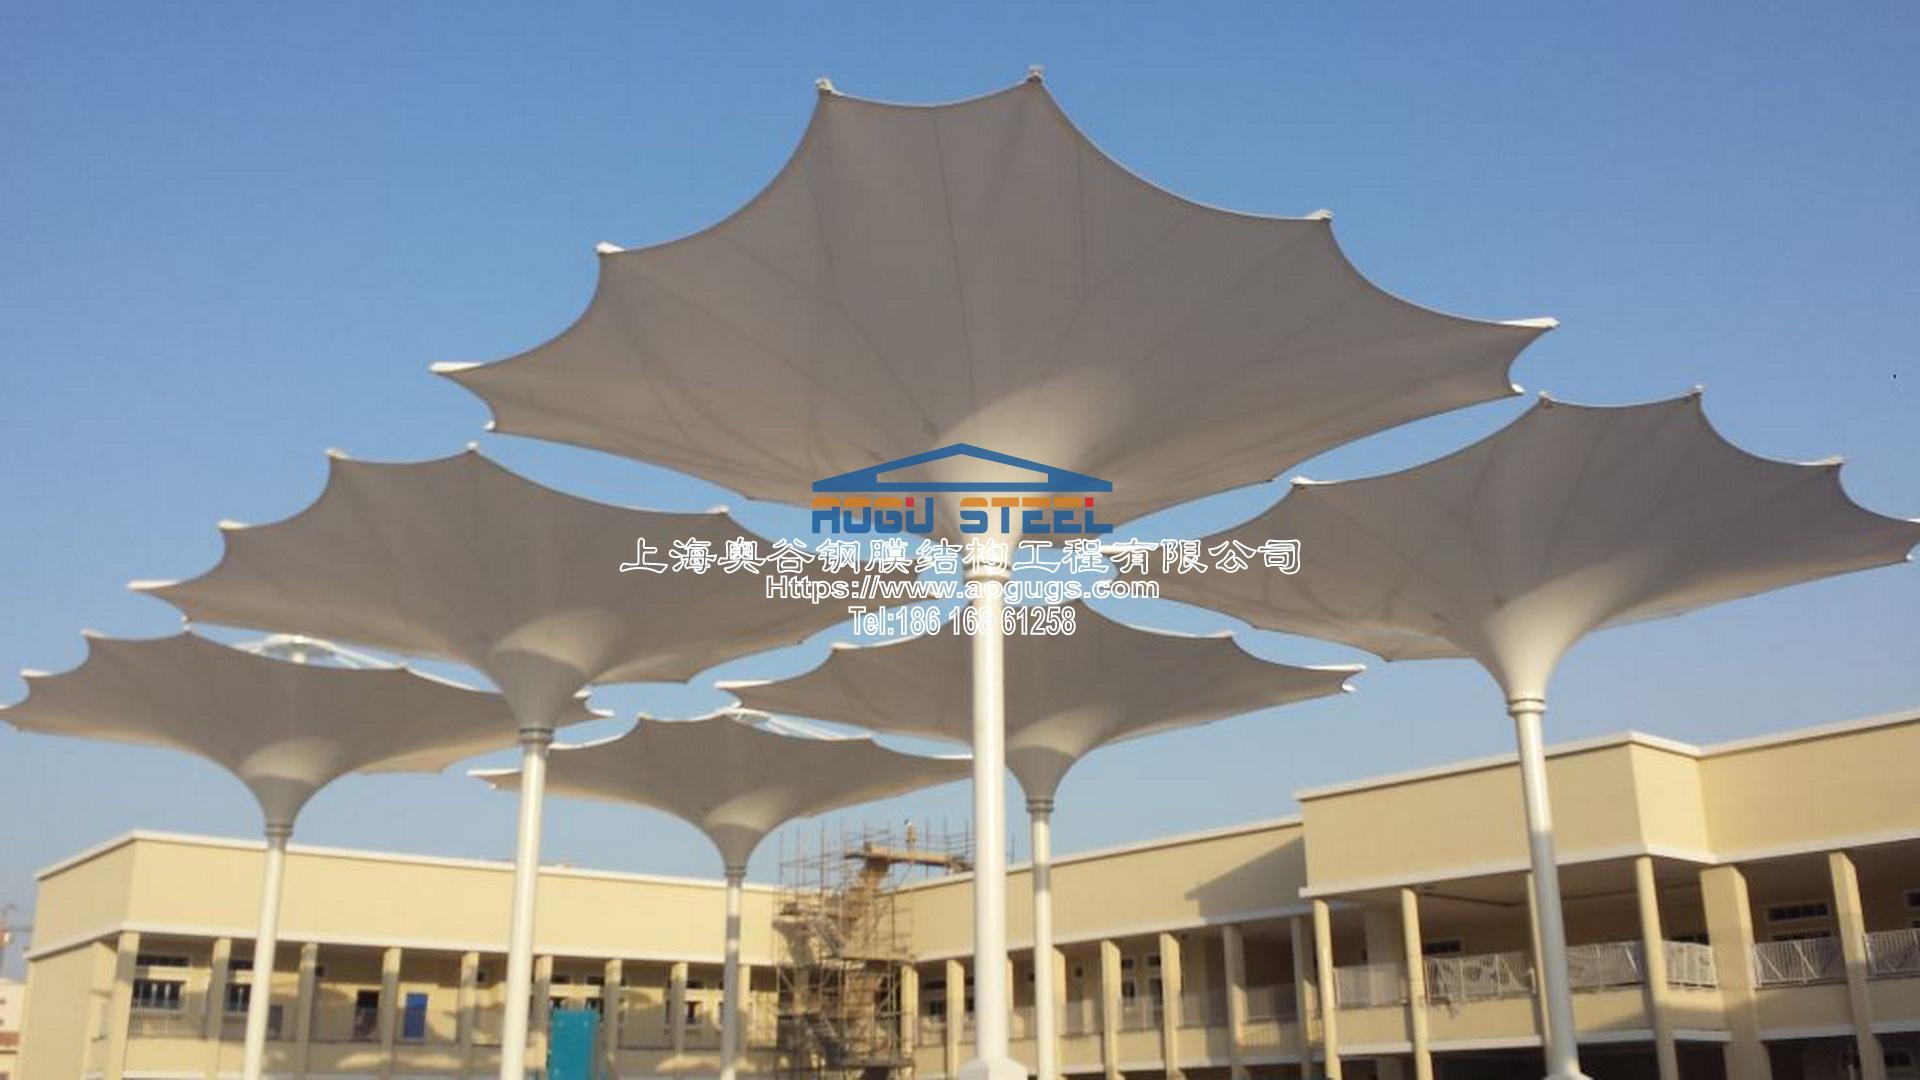 折叠开合式膜结构建筑雨伞产品演示图1